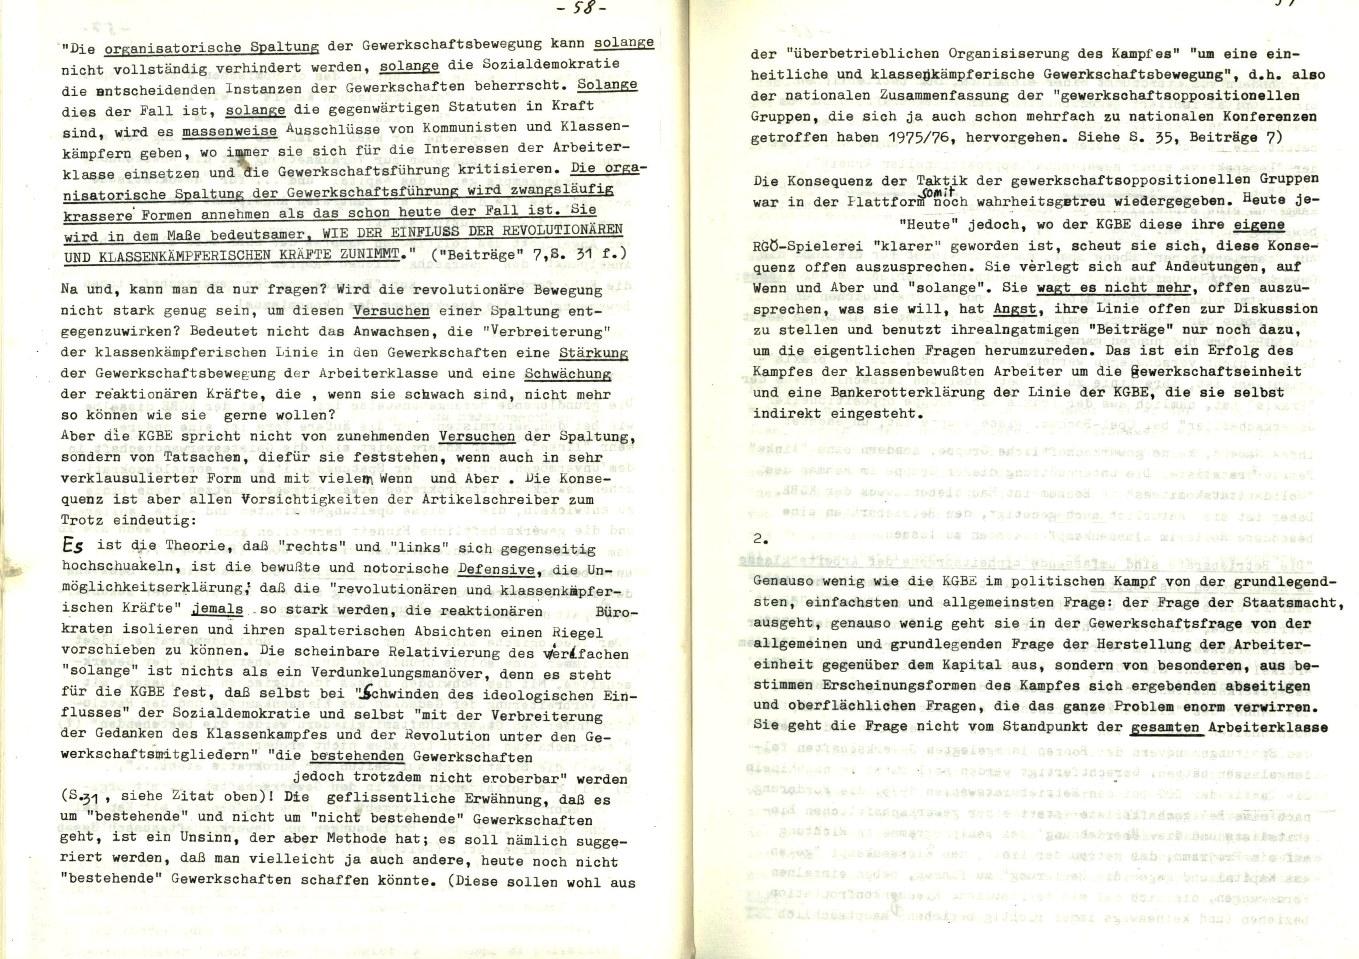 KGBE_Ehemalige_1977_Kritik_an_der_KGBE_33